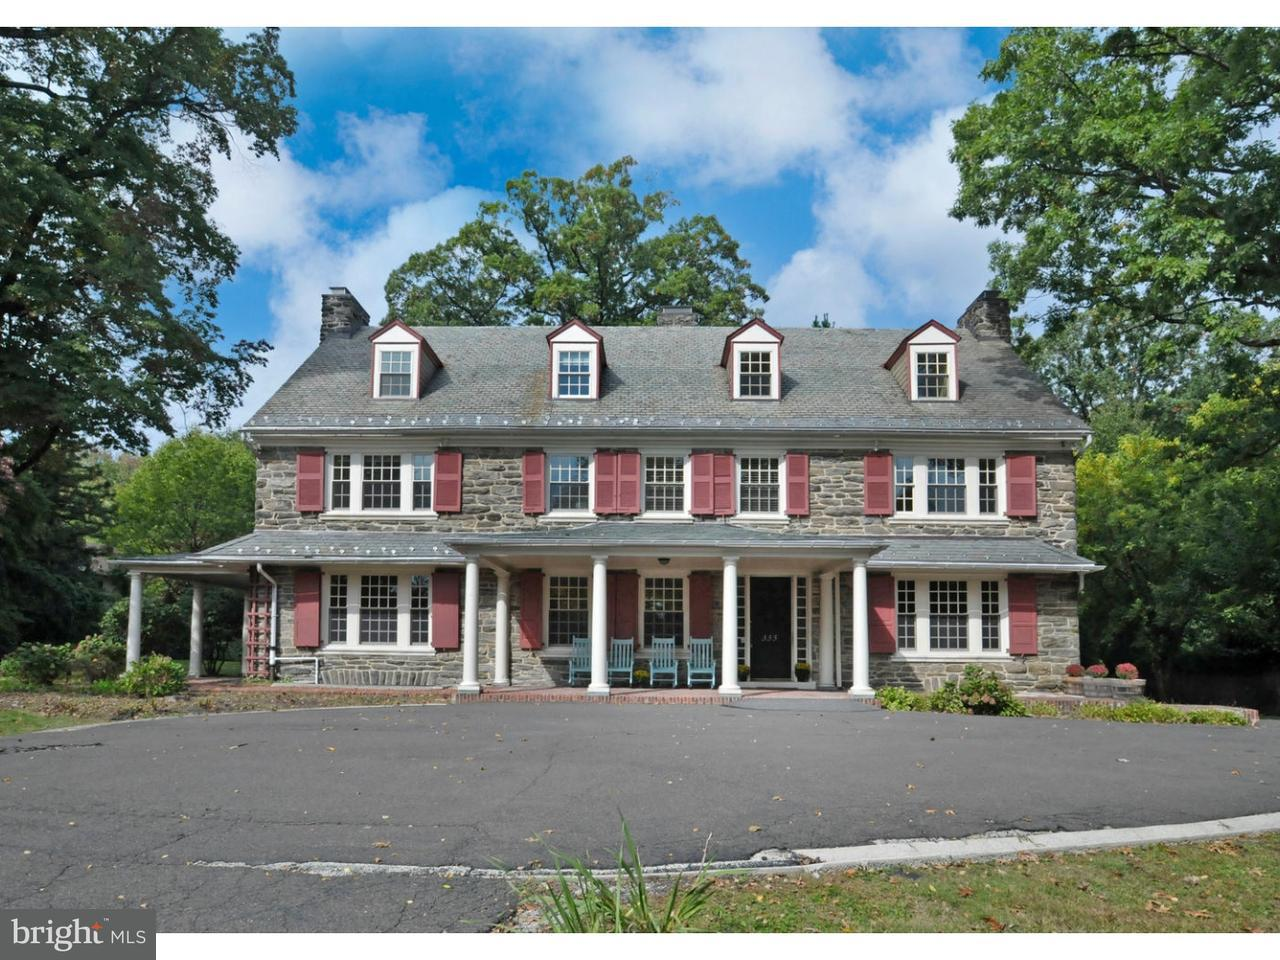 Частный односемейный дом для того Продажа на 333 BENT Road Wyncote, Пенсильвания 19095 Соединенные Штаты